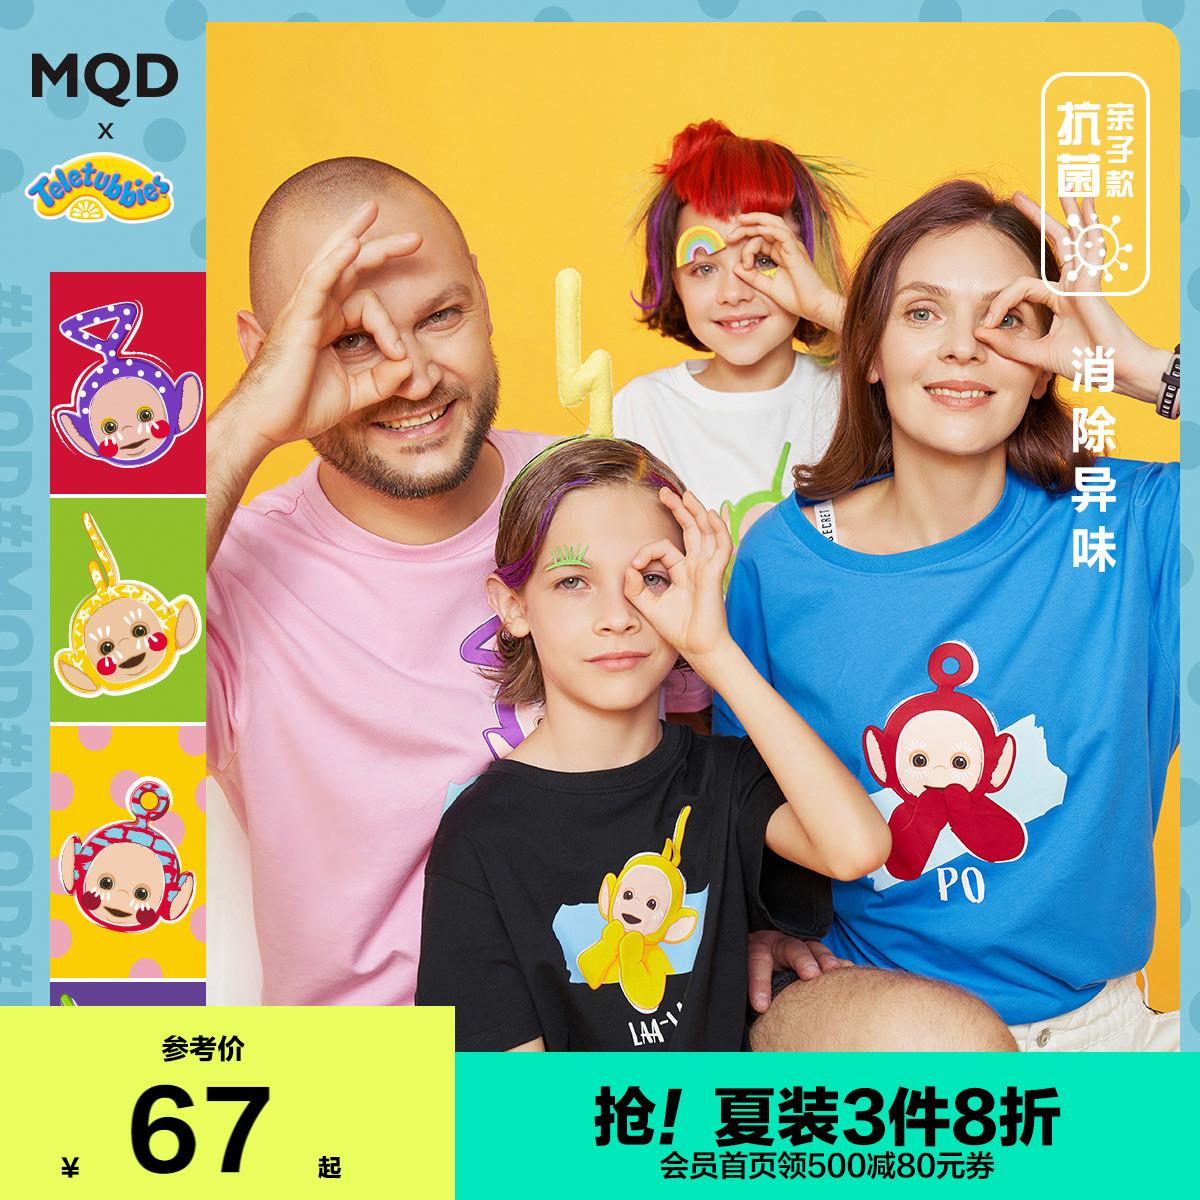 【天线宝宝】MQD童装亲子短袖T恤21夏新款儿童卡通图案男女童T恤